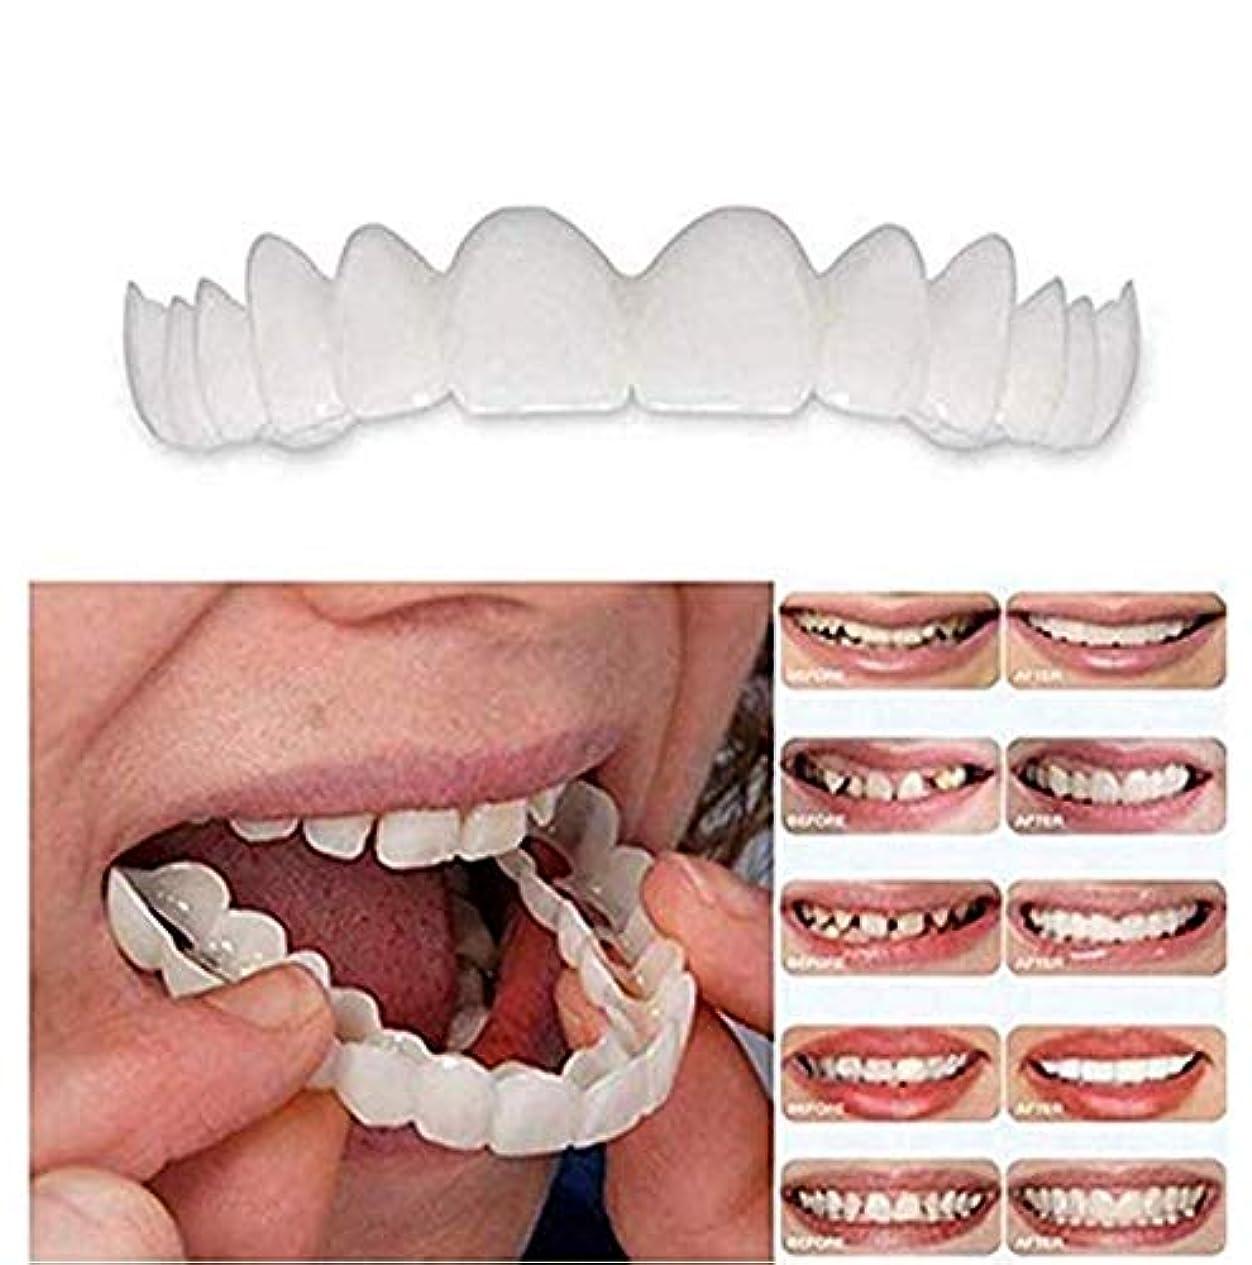 コマンドアームストロング北東14セットの再利用可能な歯カバー歯科用アクセサリー用の調節可能なソフト漂白偽歯科義歯